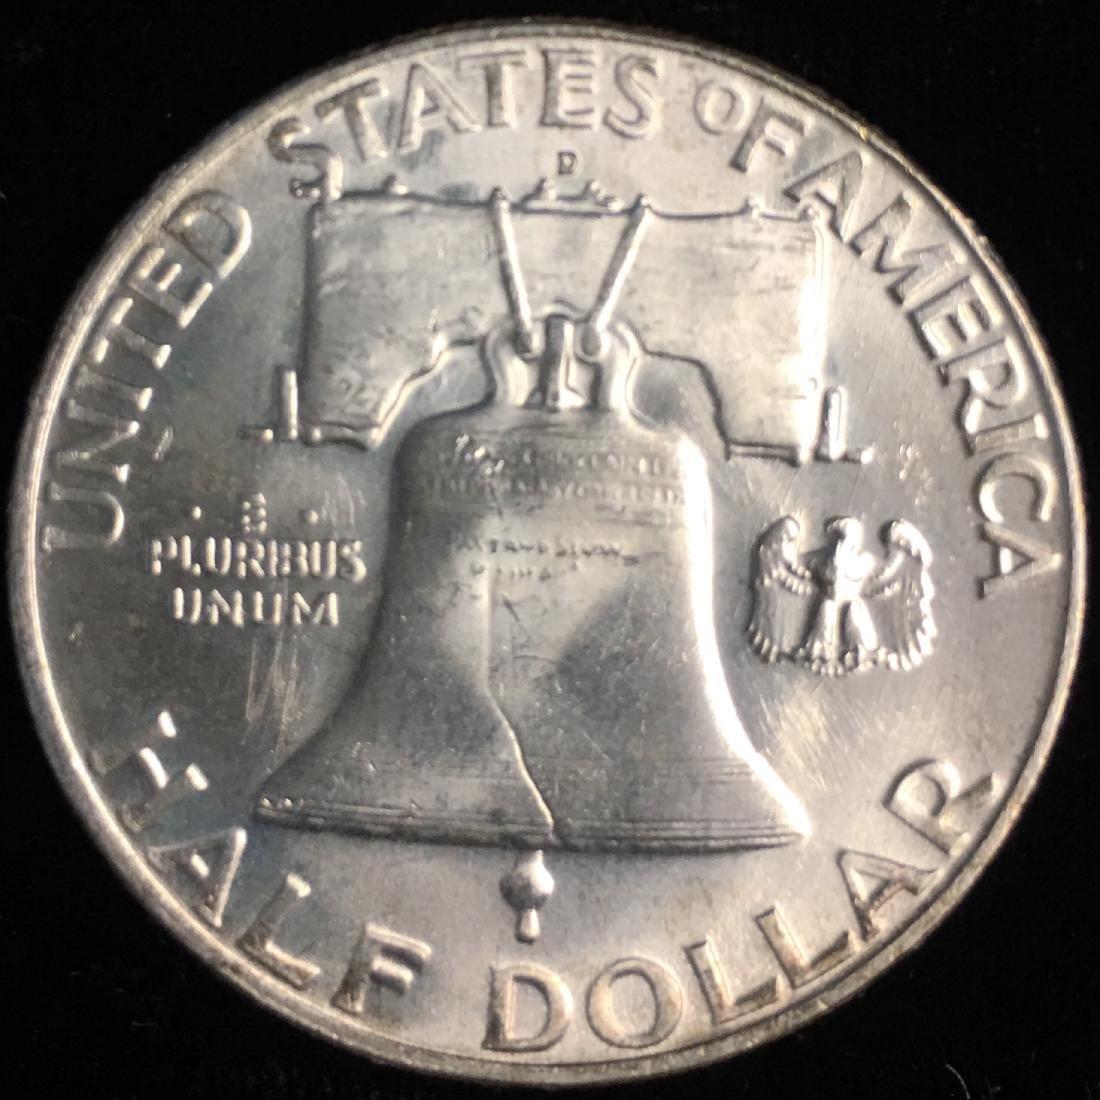 1958-D 50c Franklin Half Dollar Full Bell Lines GEM BU - 2